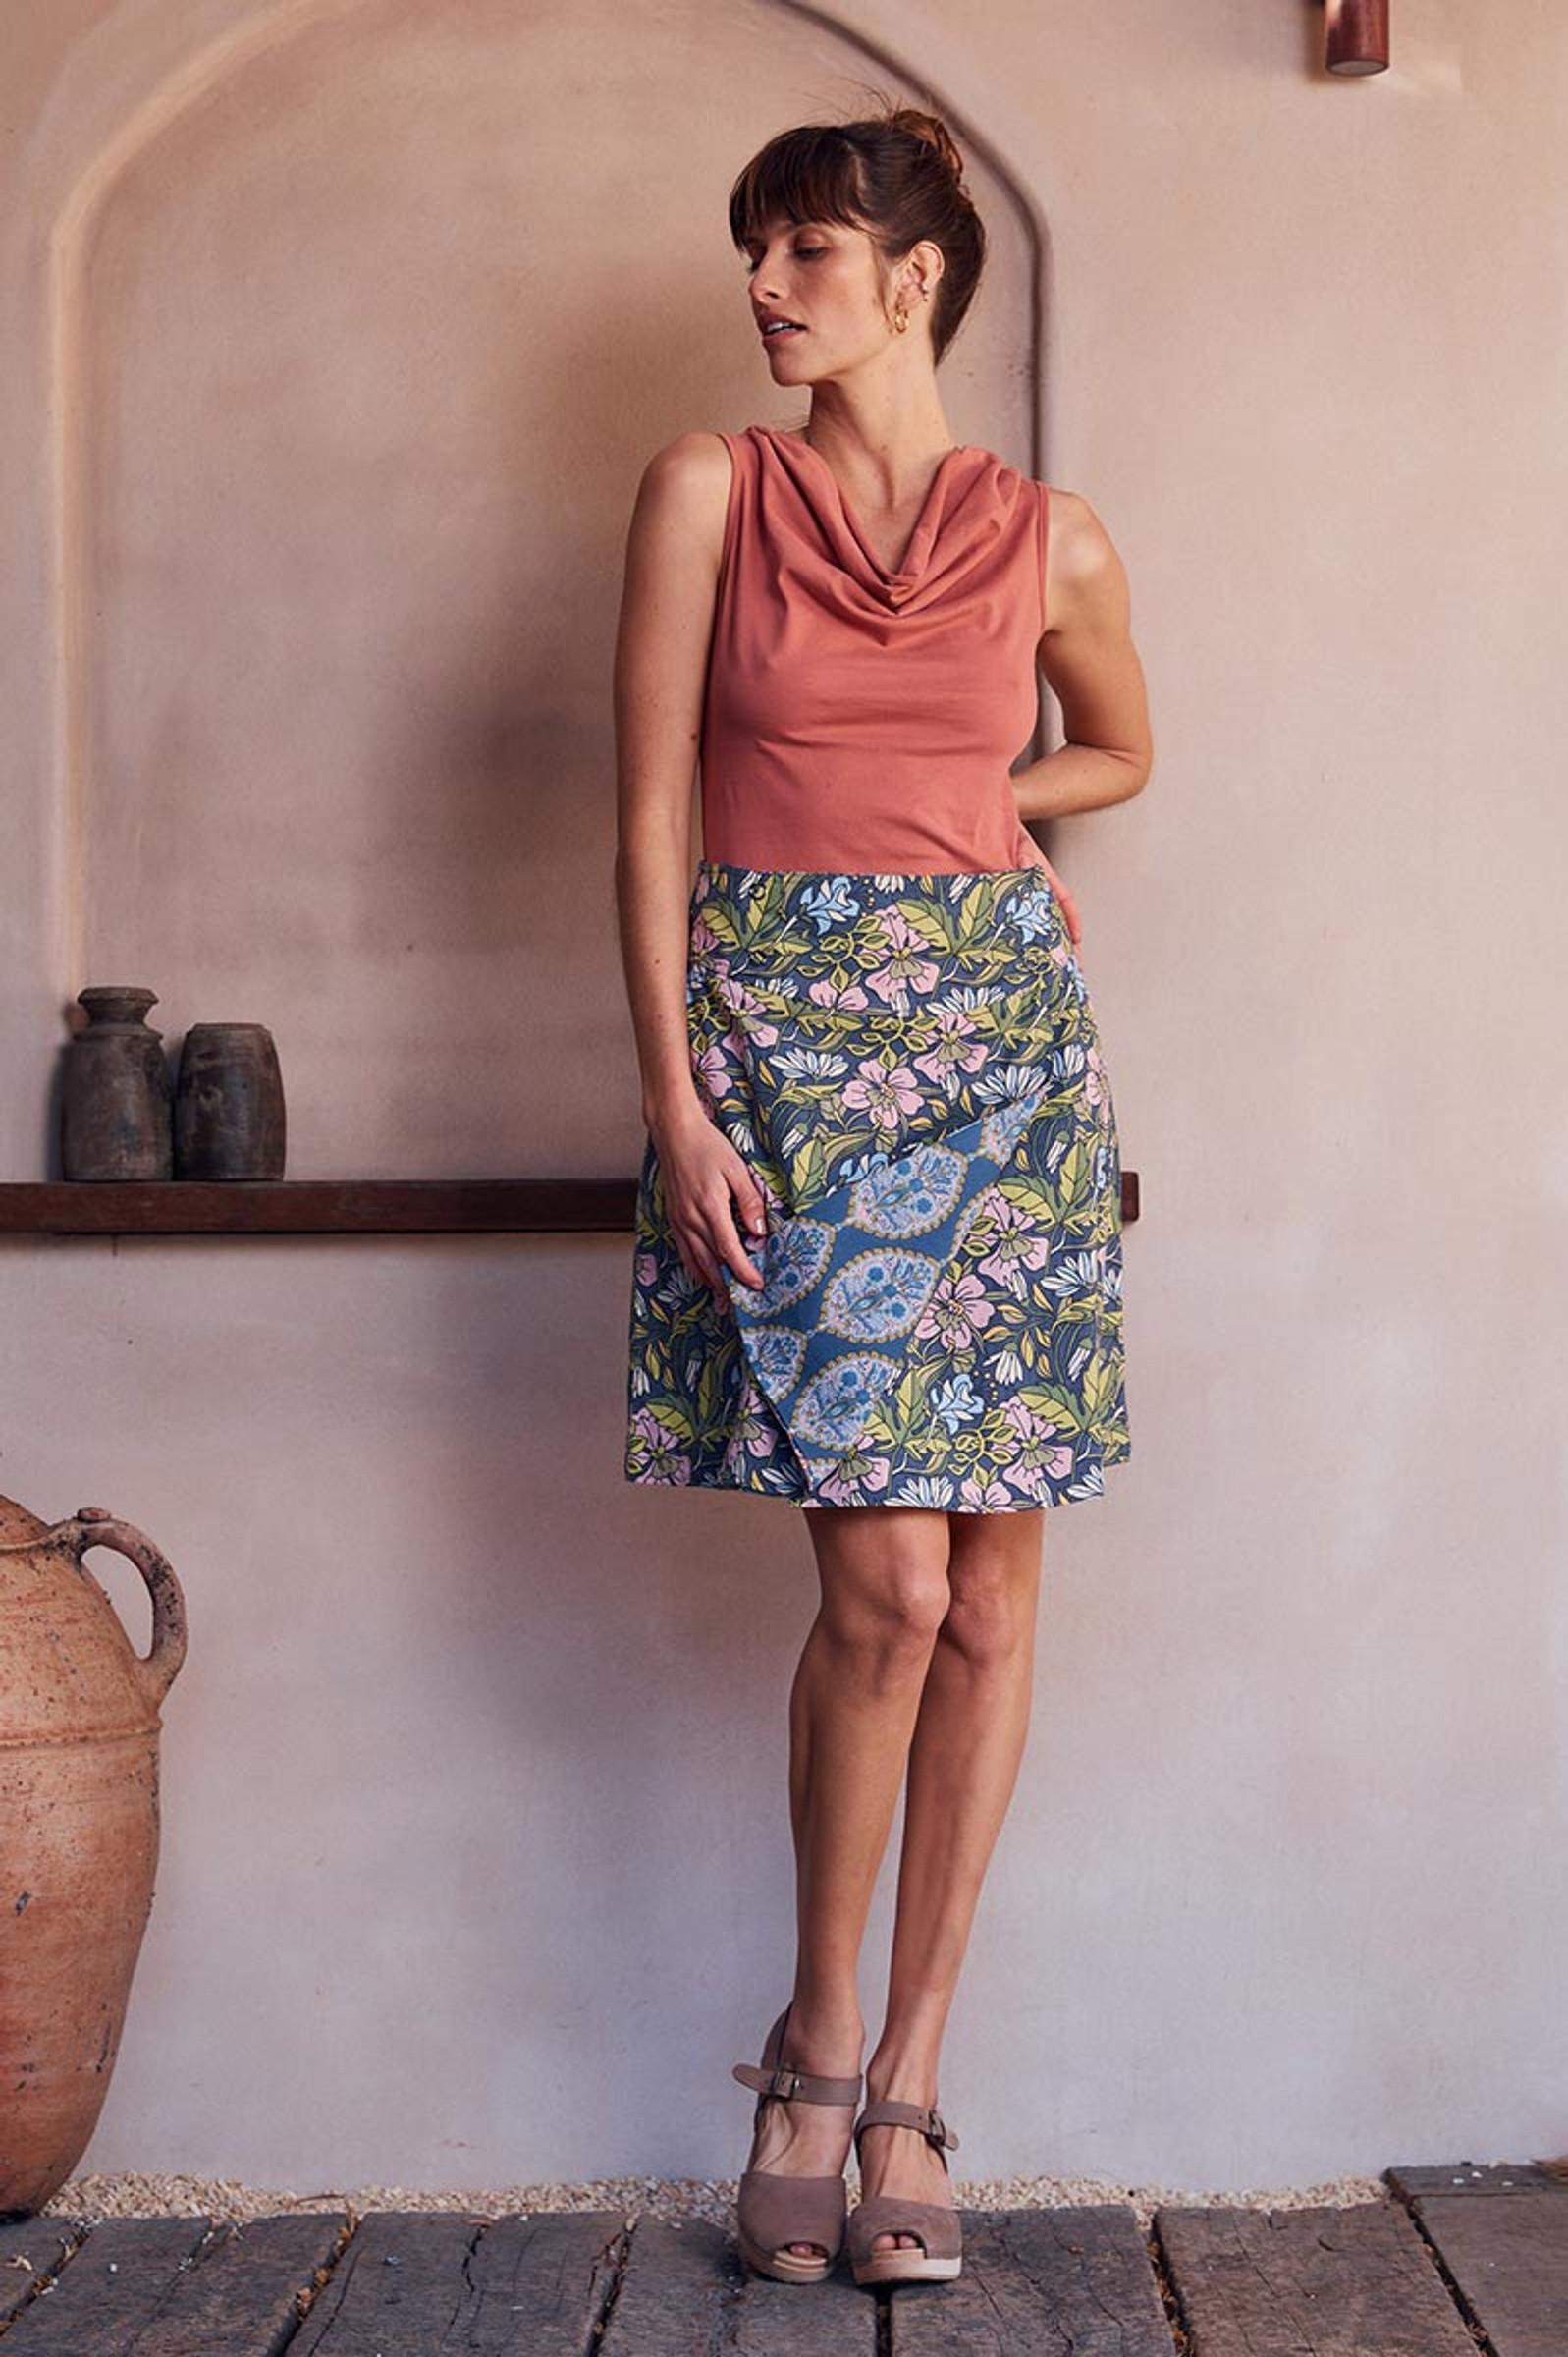 Chameleon Reversible Skirt - Hibiscus & Lapis